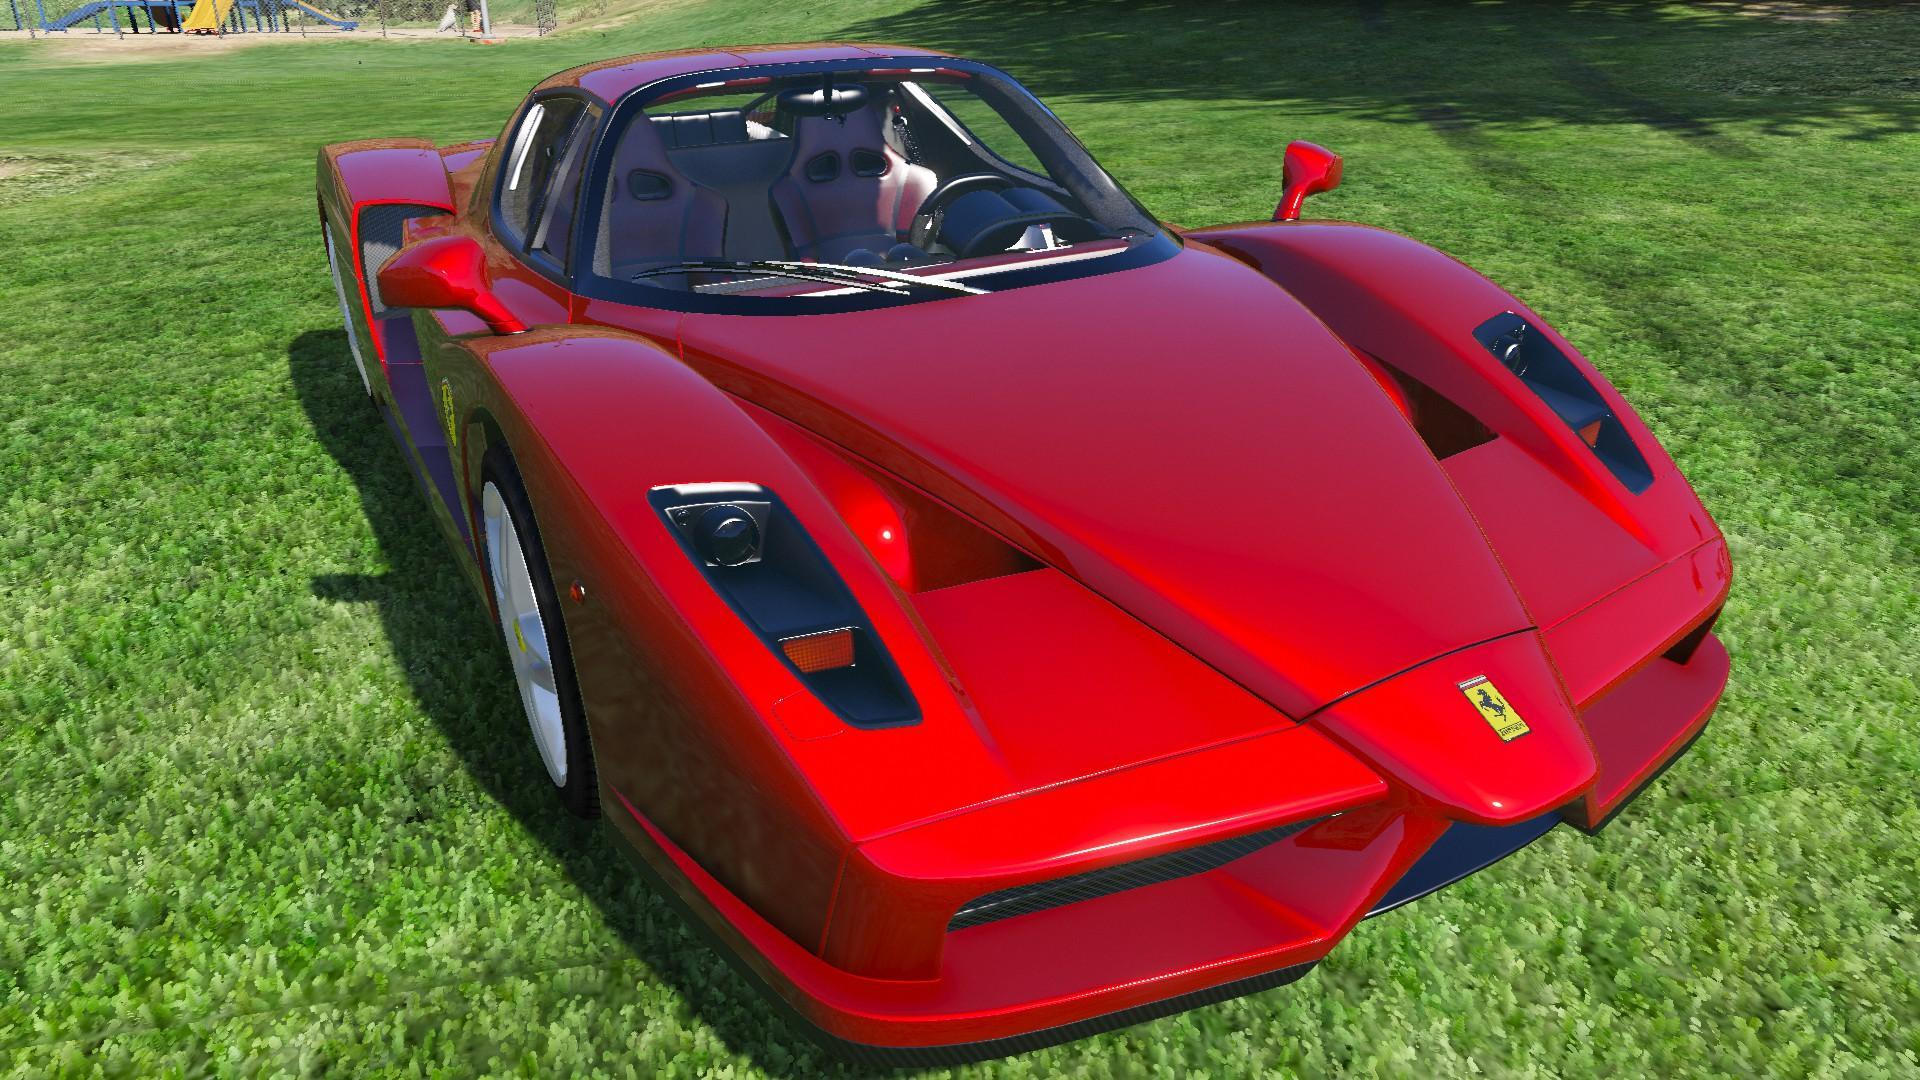 2002 Ferrari Enzo Ferrari Gta5 Mods Com